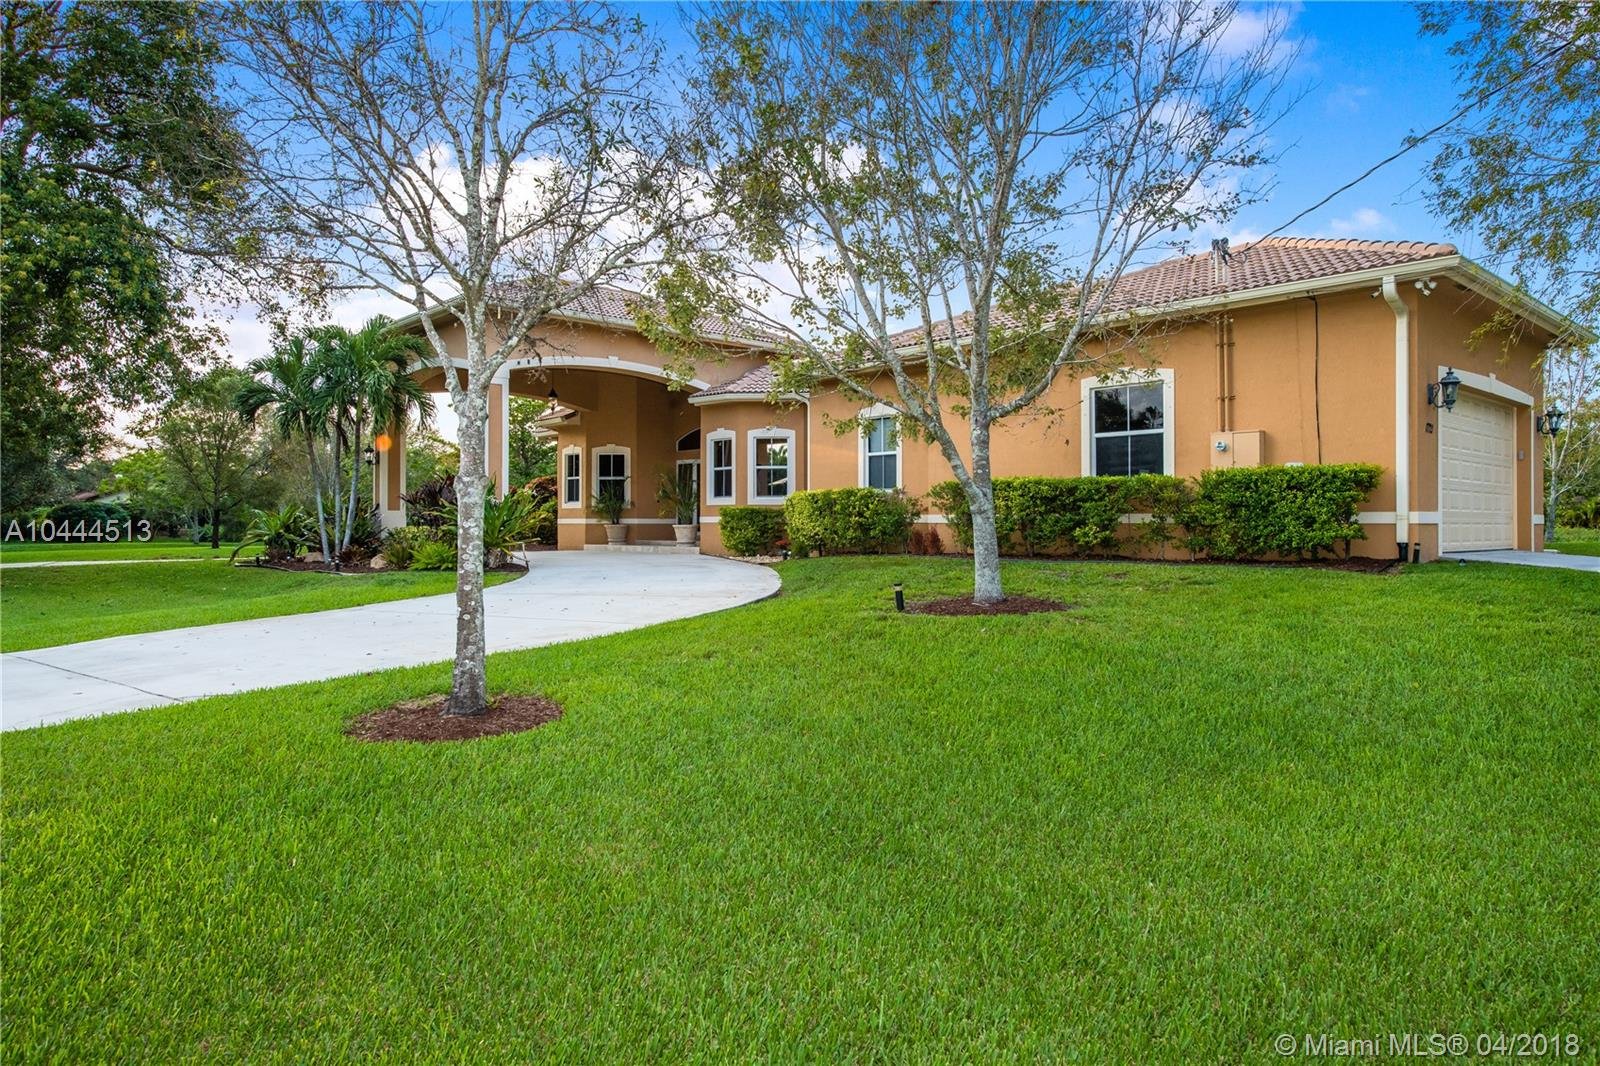 1721 Sw 117th Ave, Davie FL, 33325